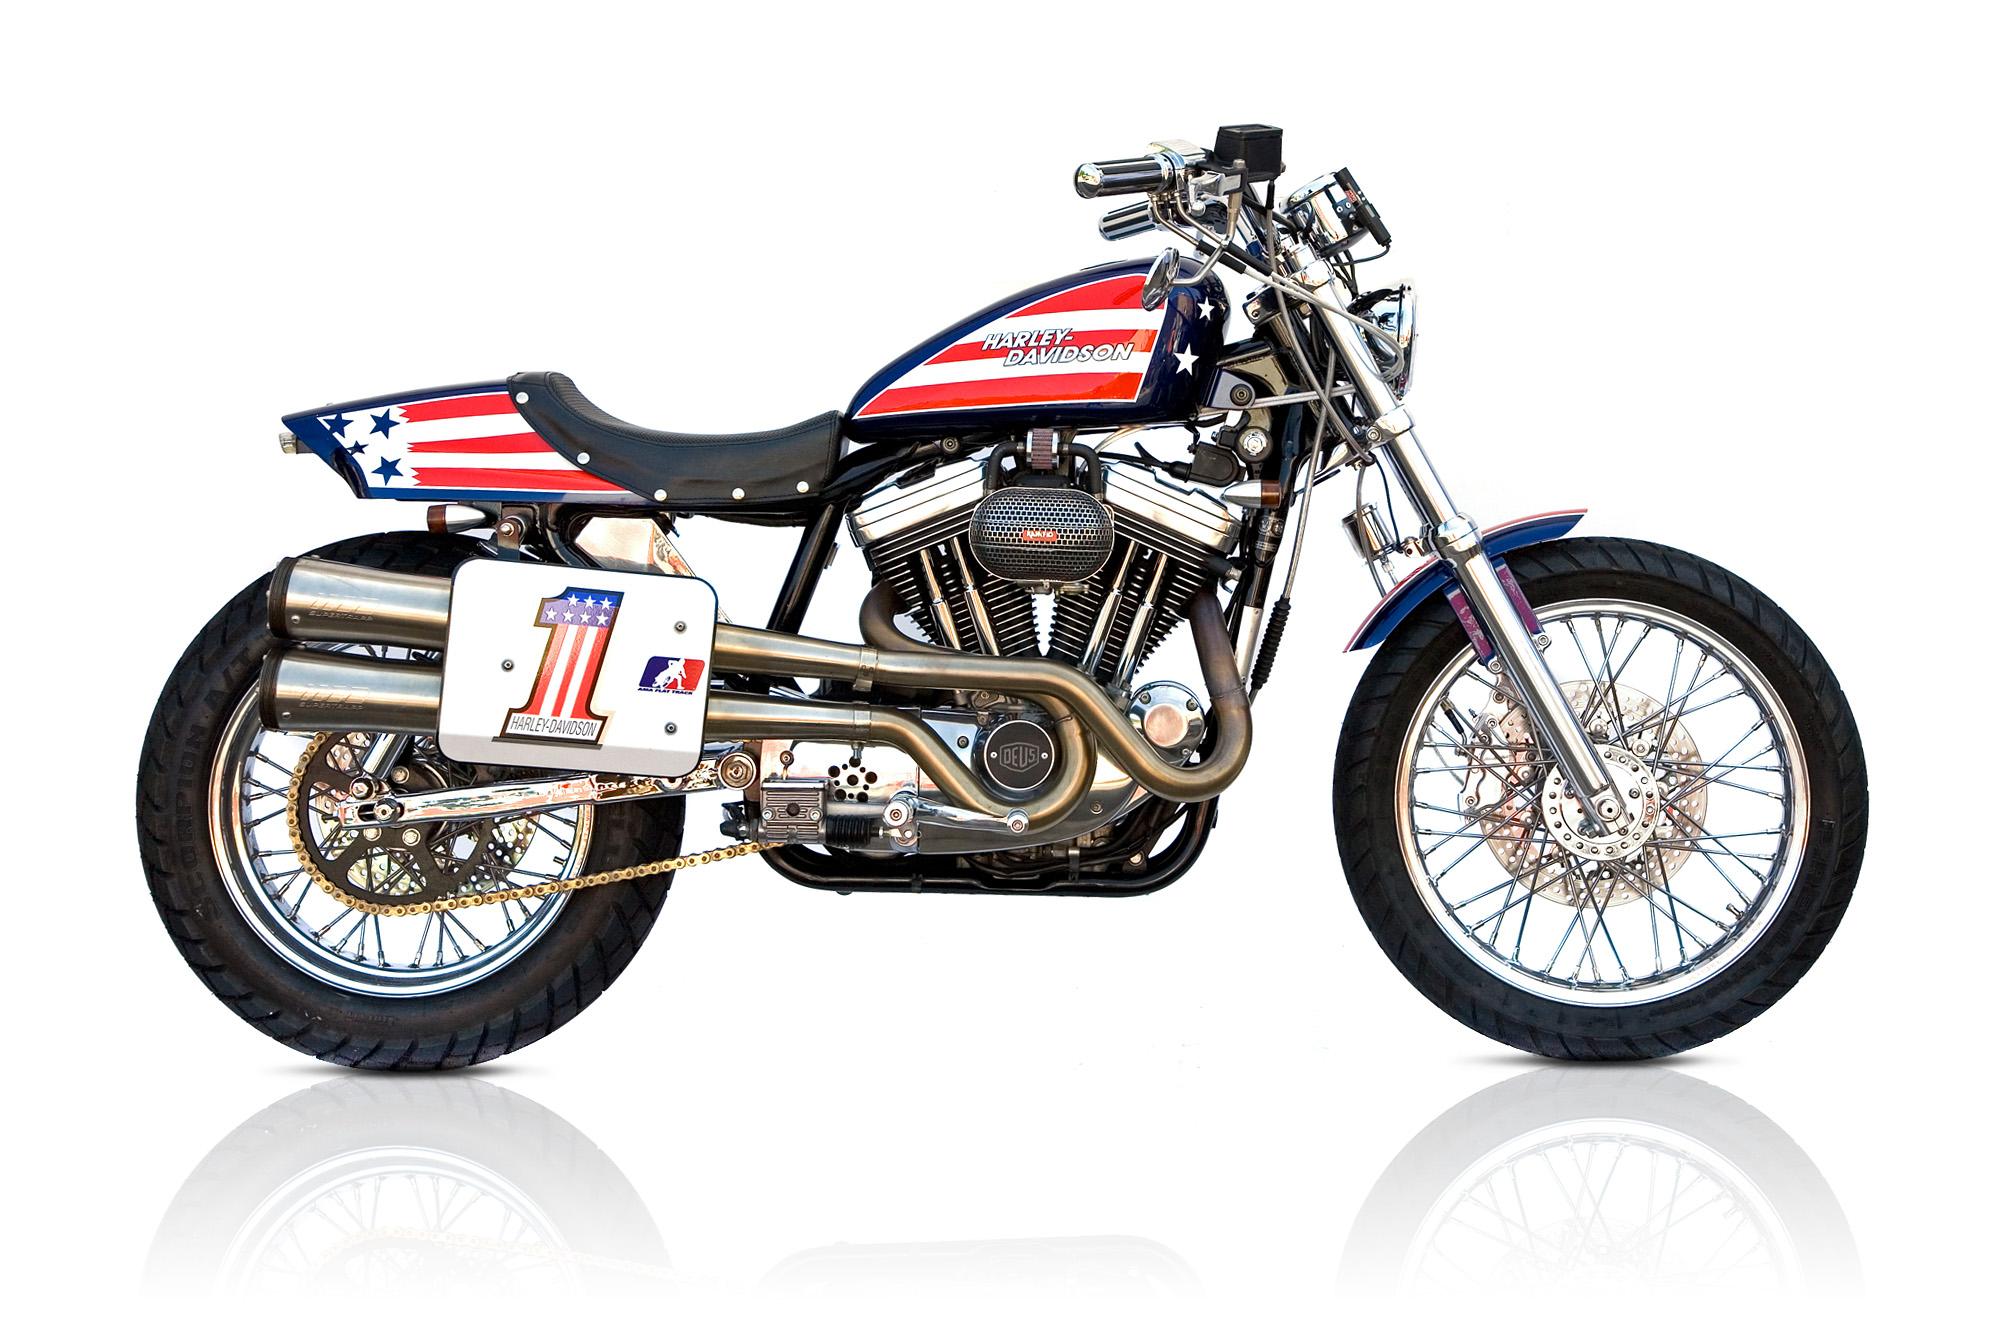 Evel Knievel 1200 Deus Ex Machinadeus Machina Harley Davidson Sportster Wiring Diagram Enquire About The